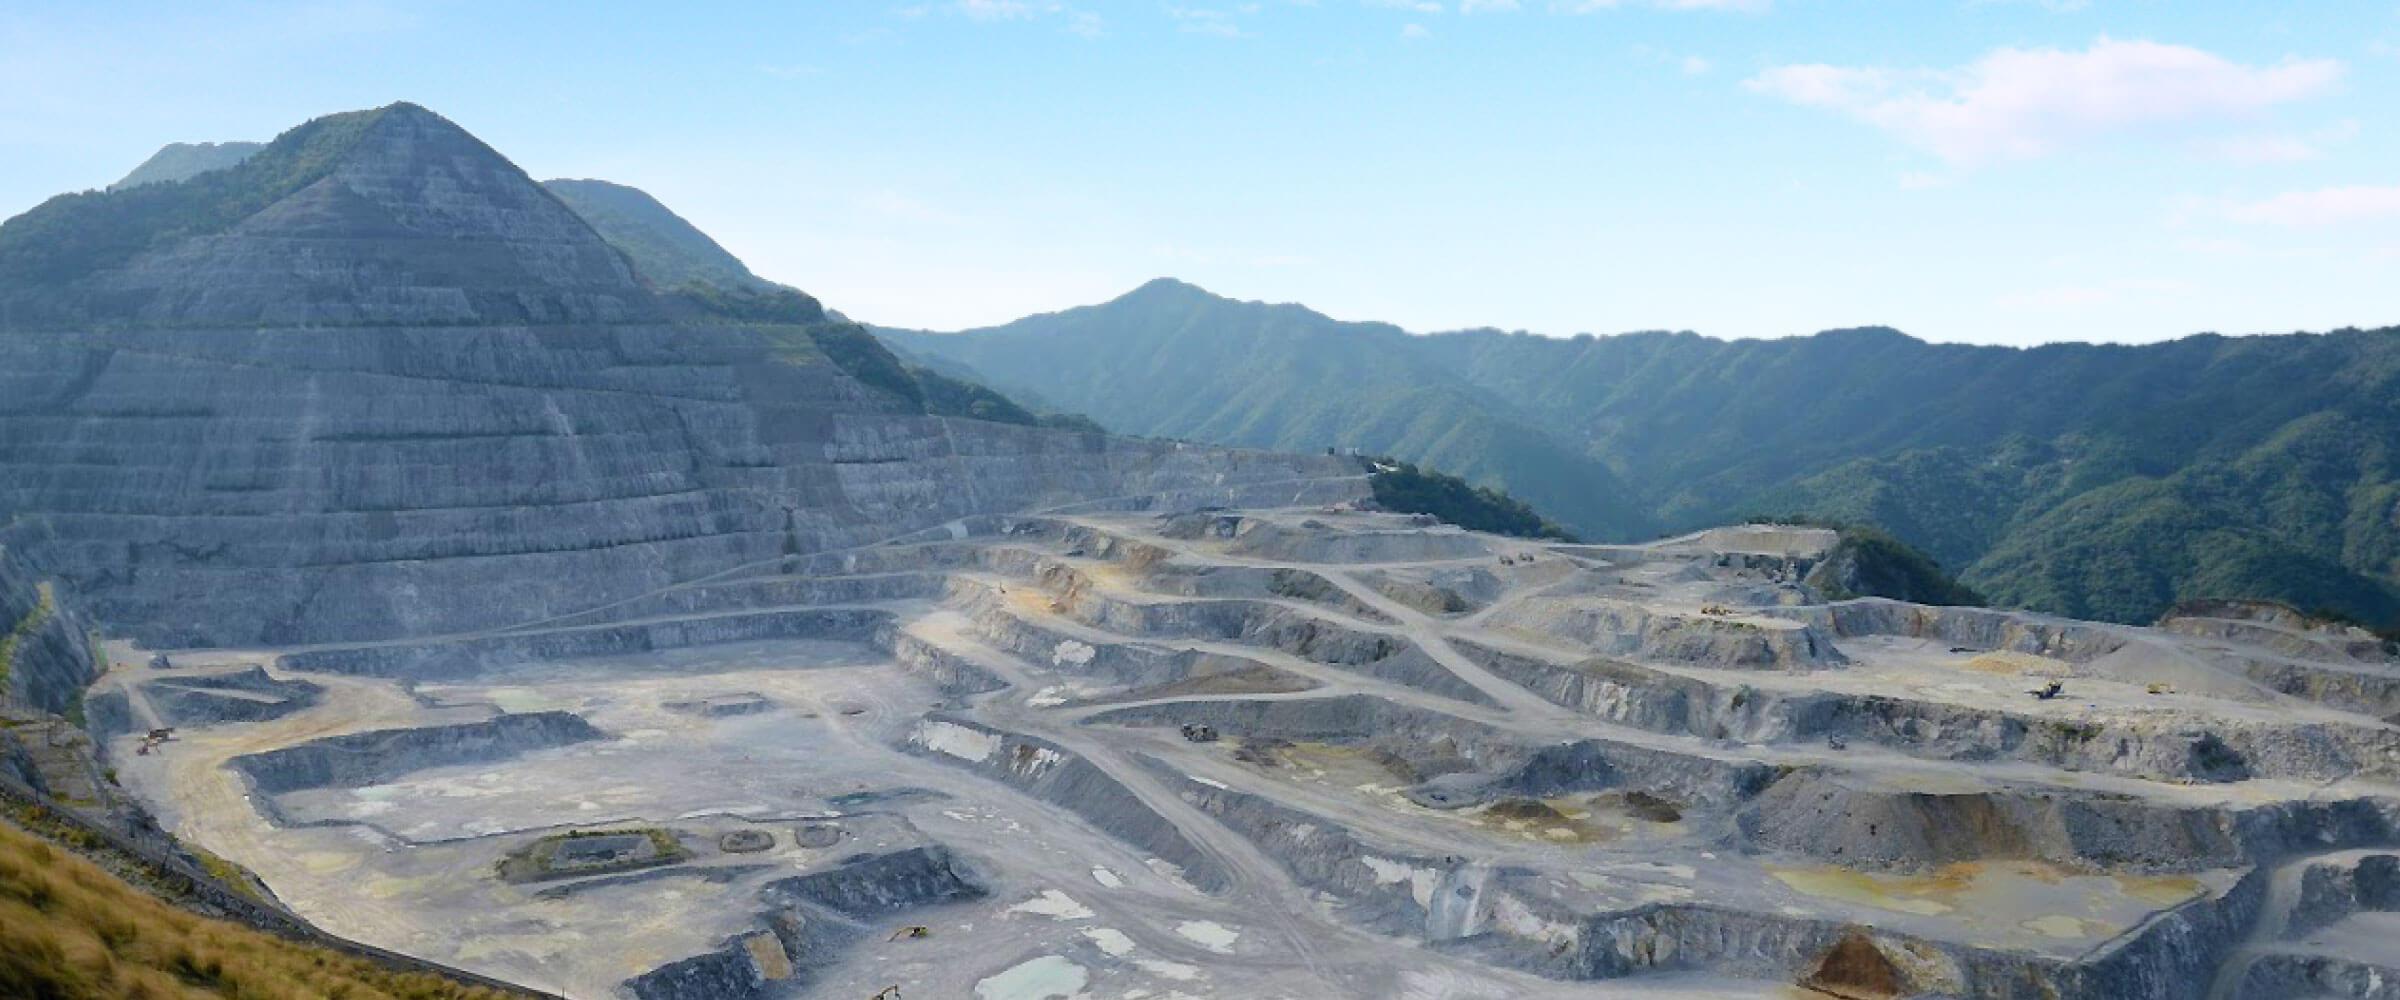 津久見の石灰岩鉱山